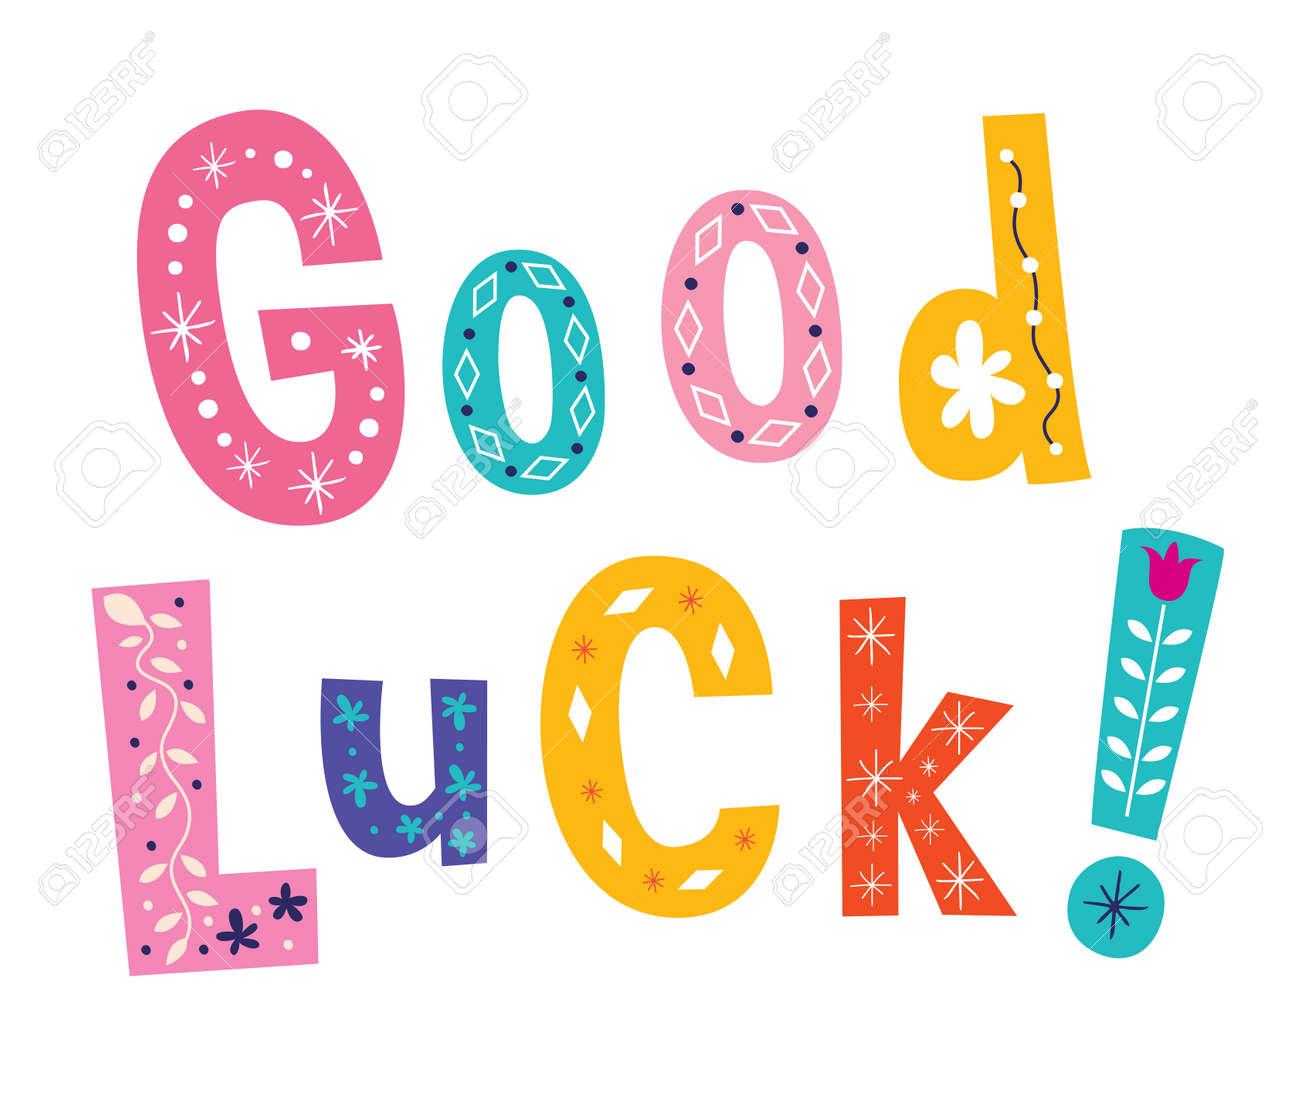 Resultado de imagen de good luck image